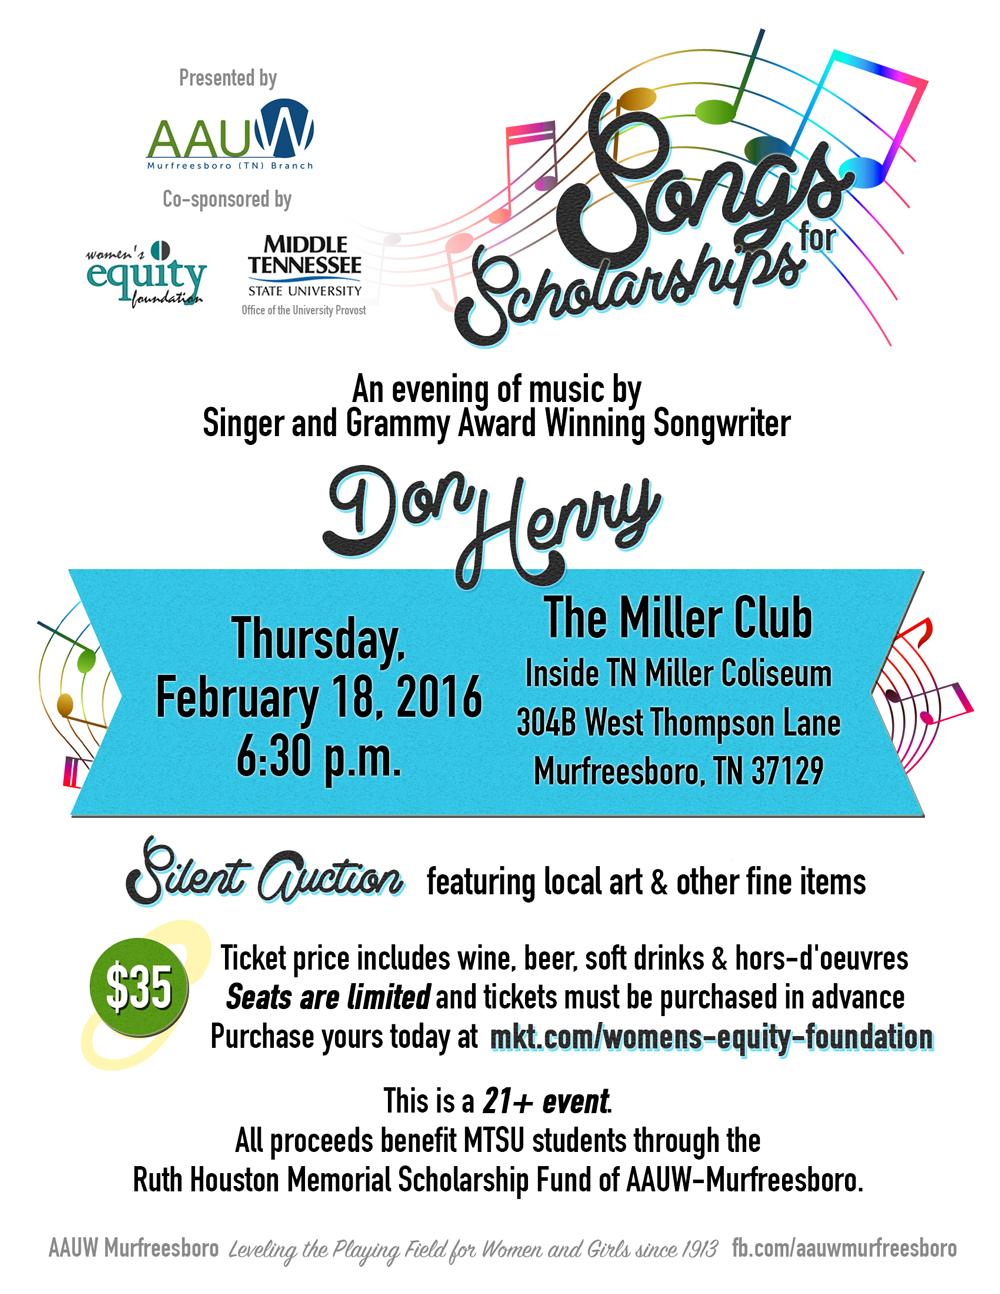 Songs_for_Scholarships_flier-UPDATE